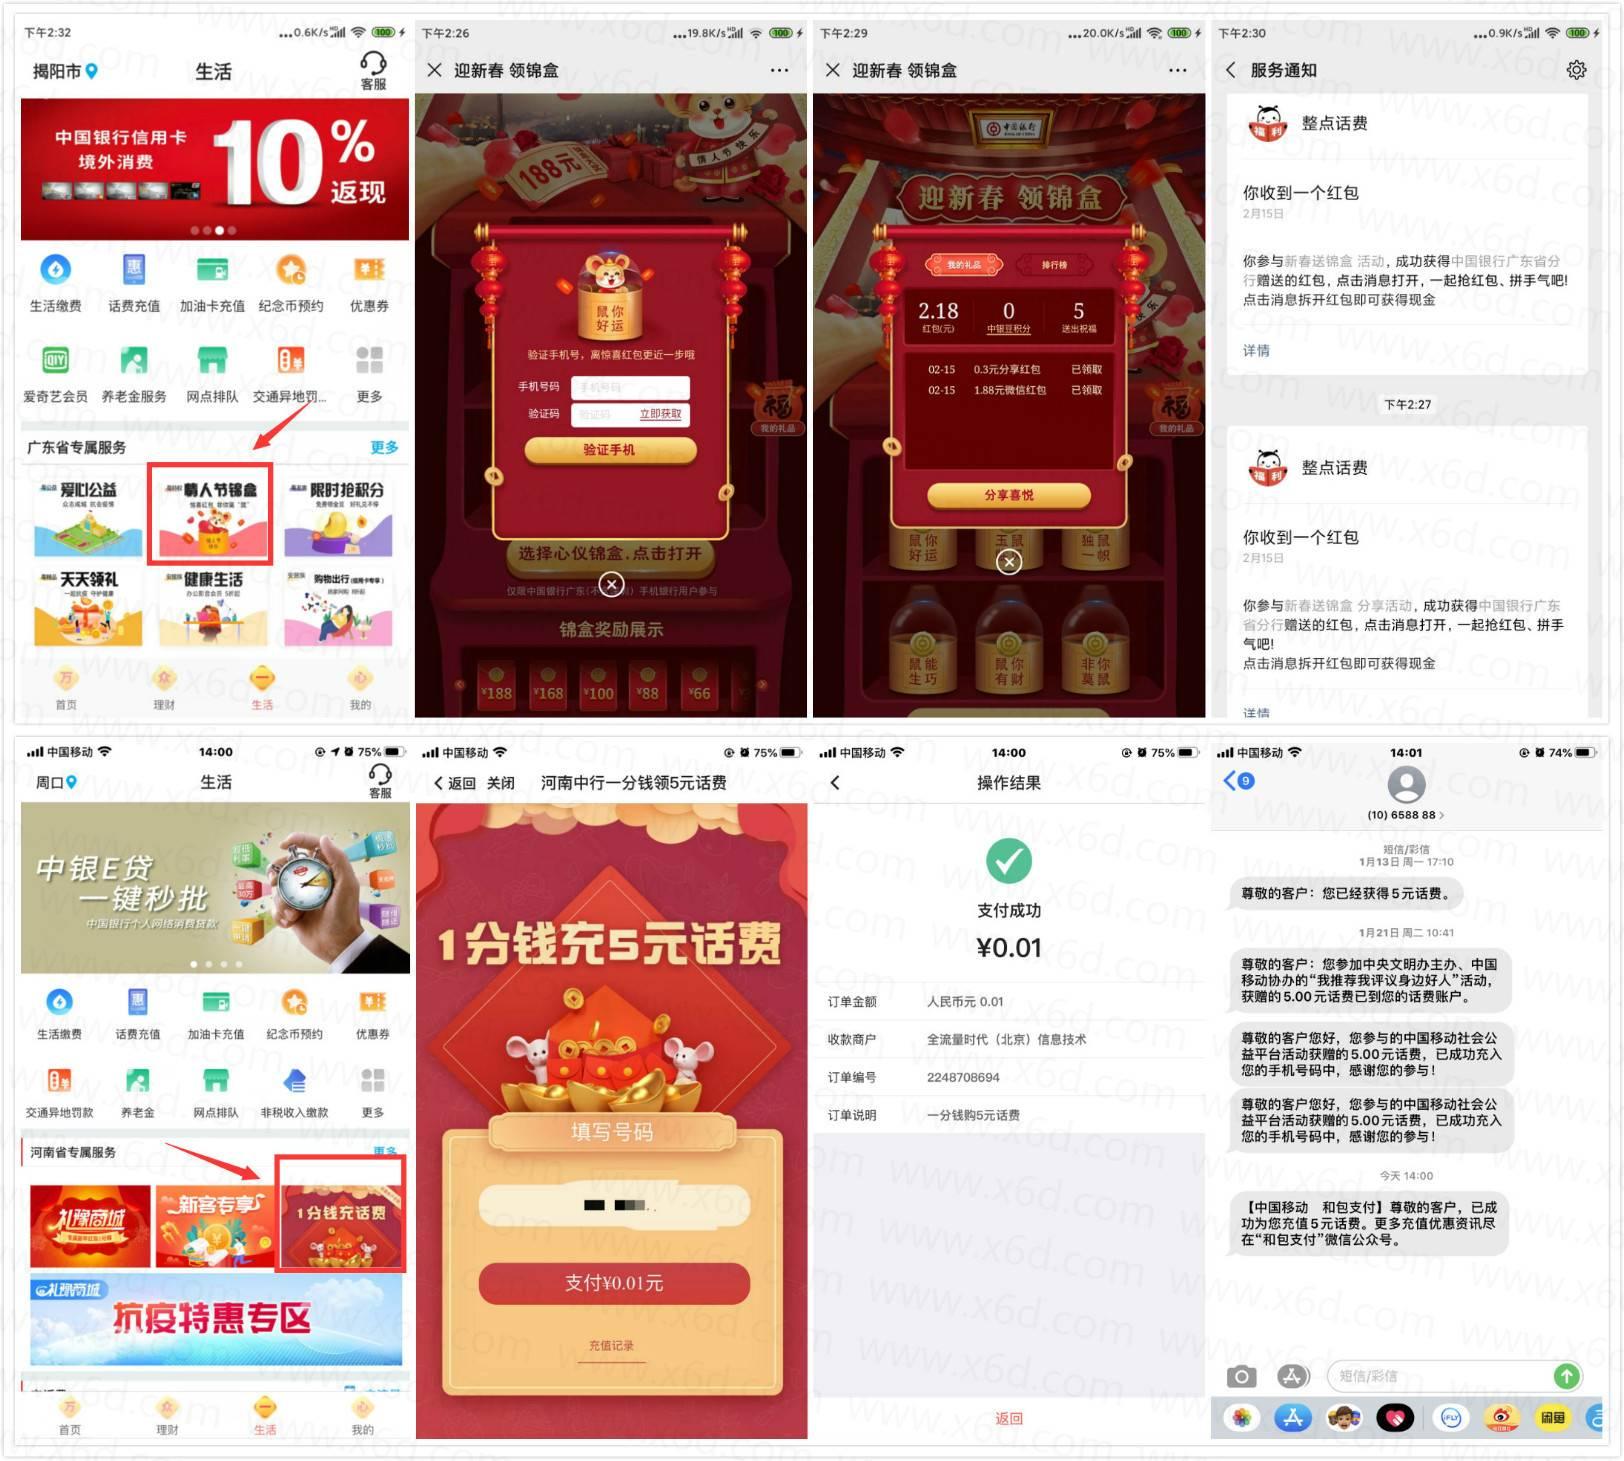 中国银行河南广东地区领红包